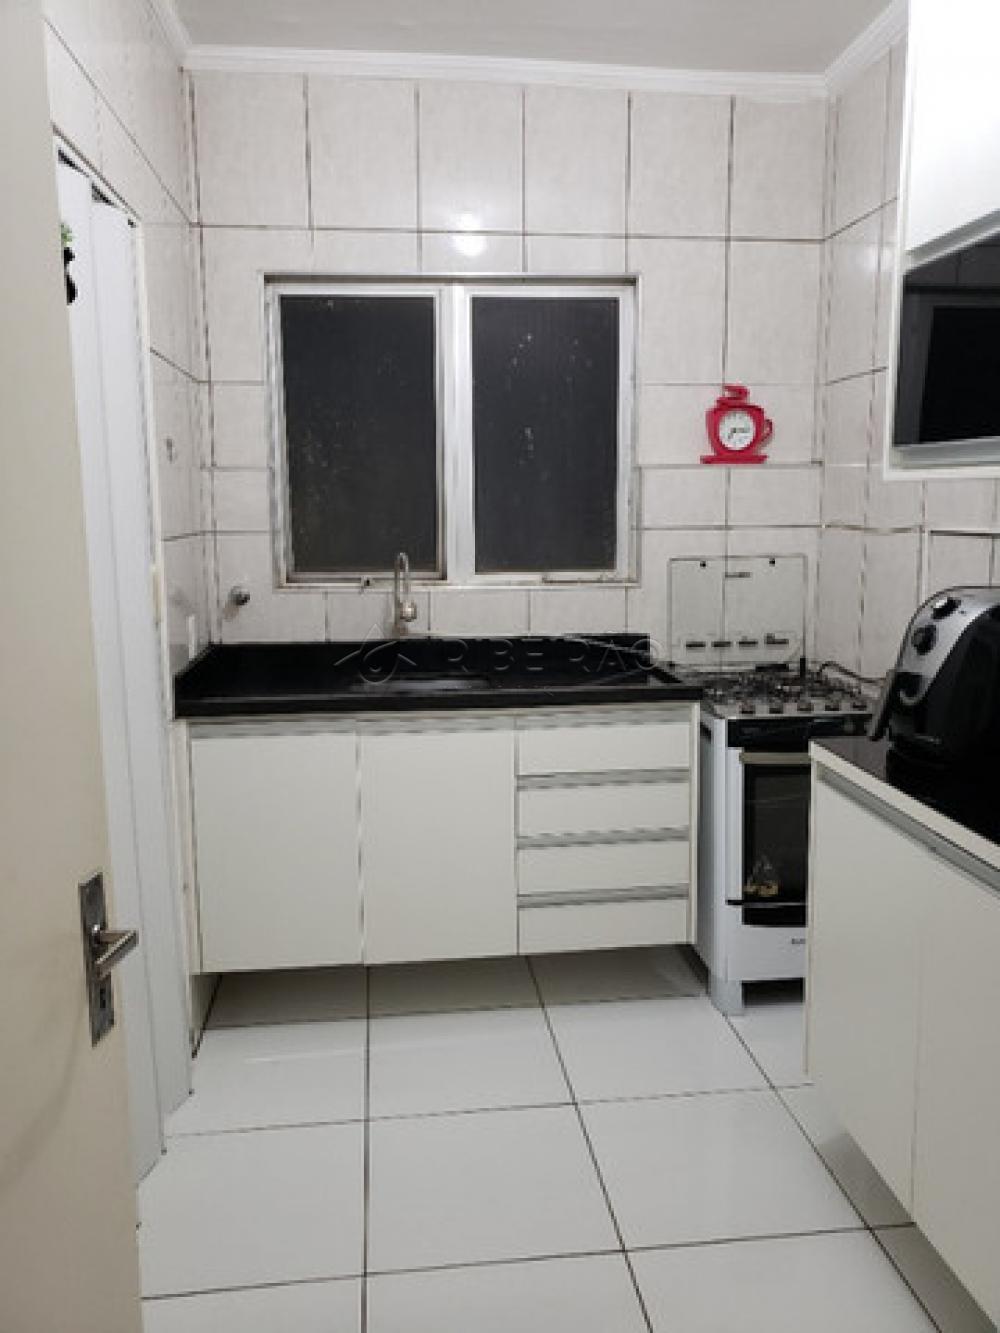 Comprar Apartamento / Padrão em Ribeirão Preto apenas R$ 141.000,00 - Foto 4